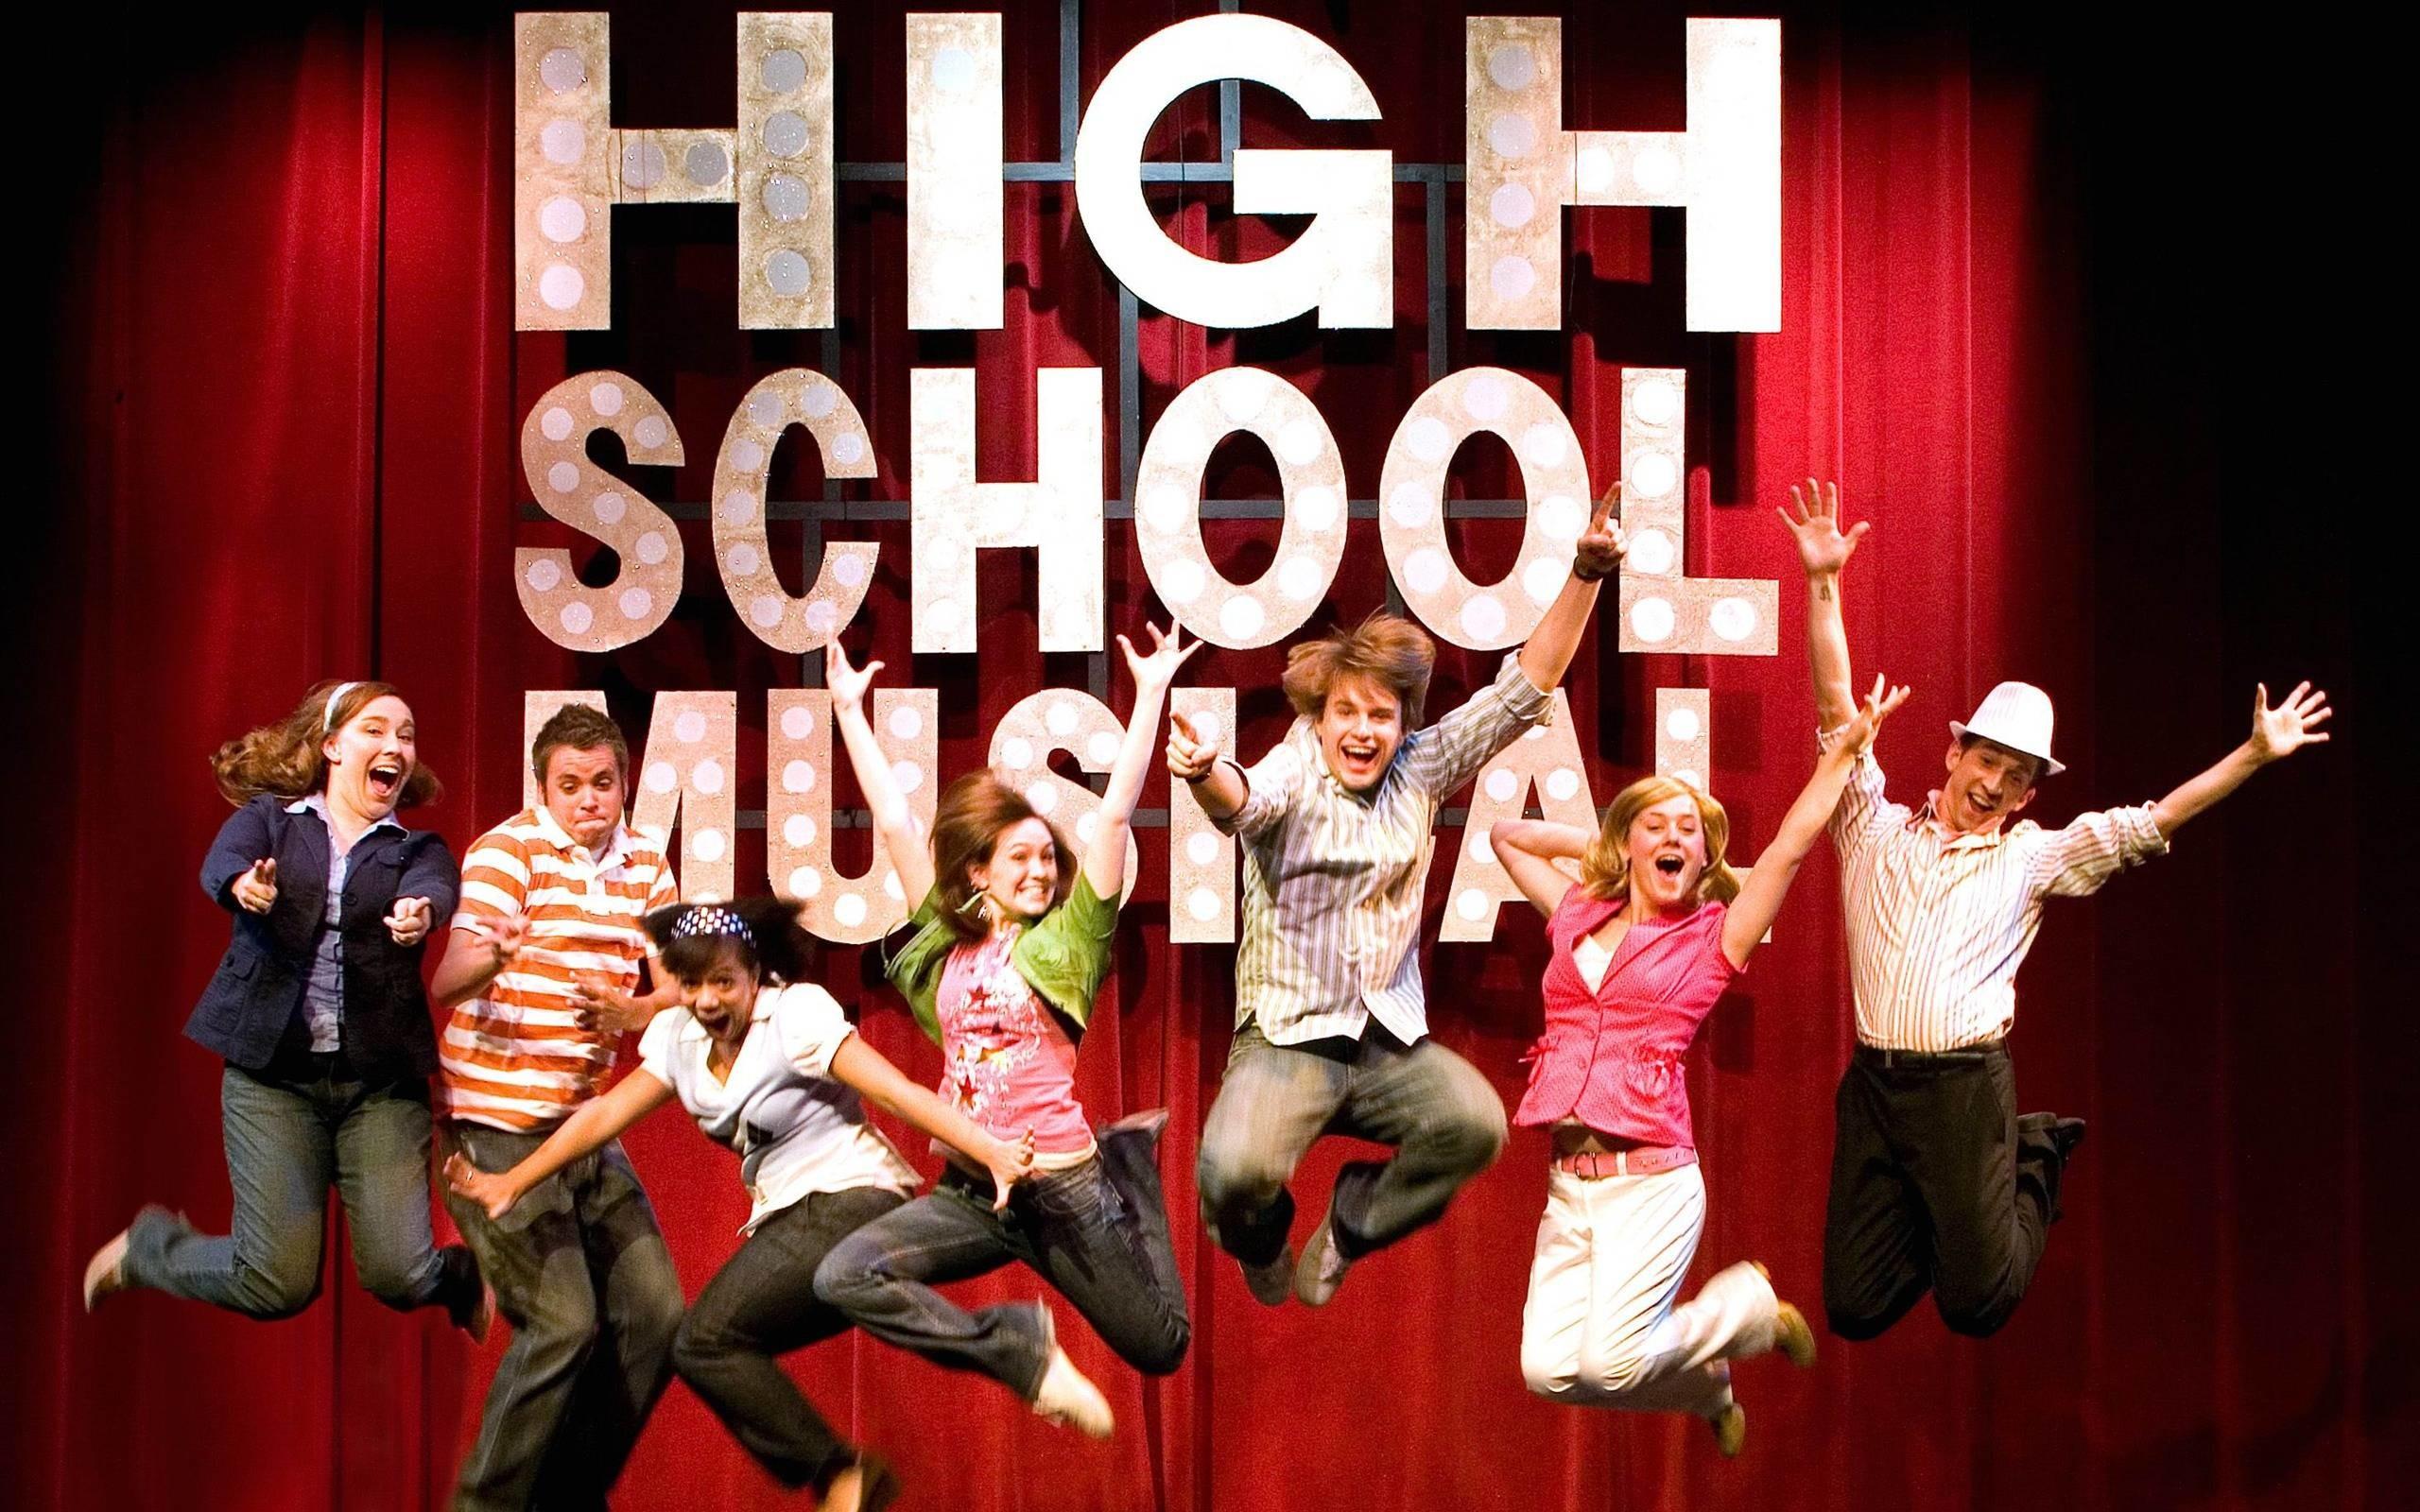 high school musical wallpaper ·①